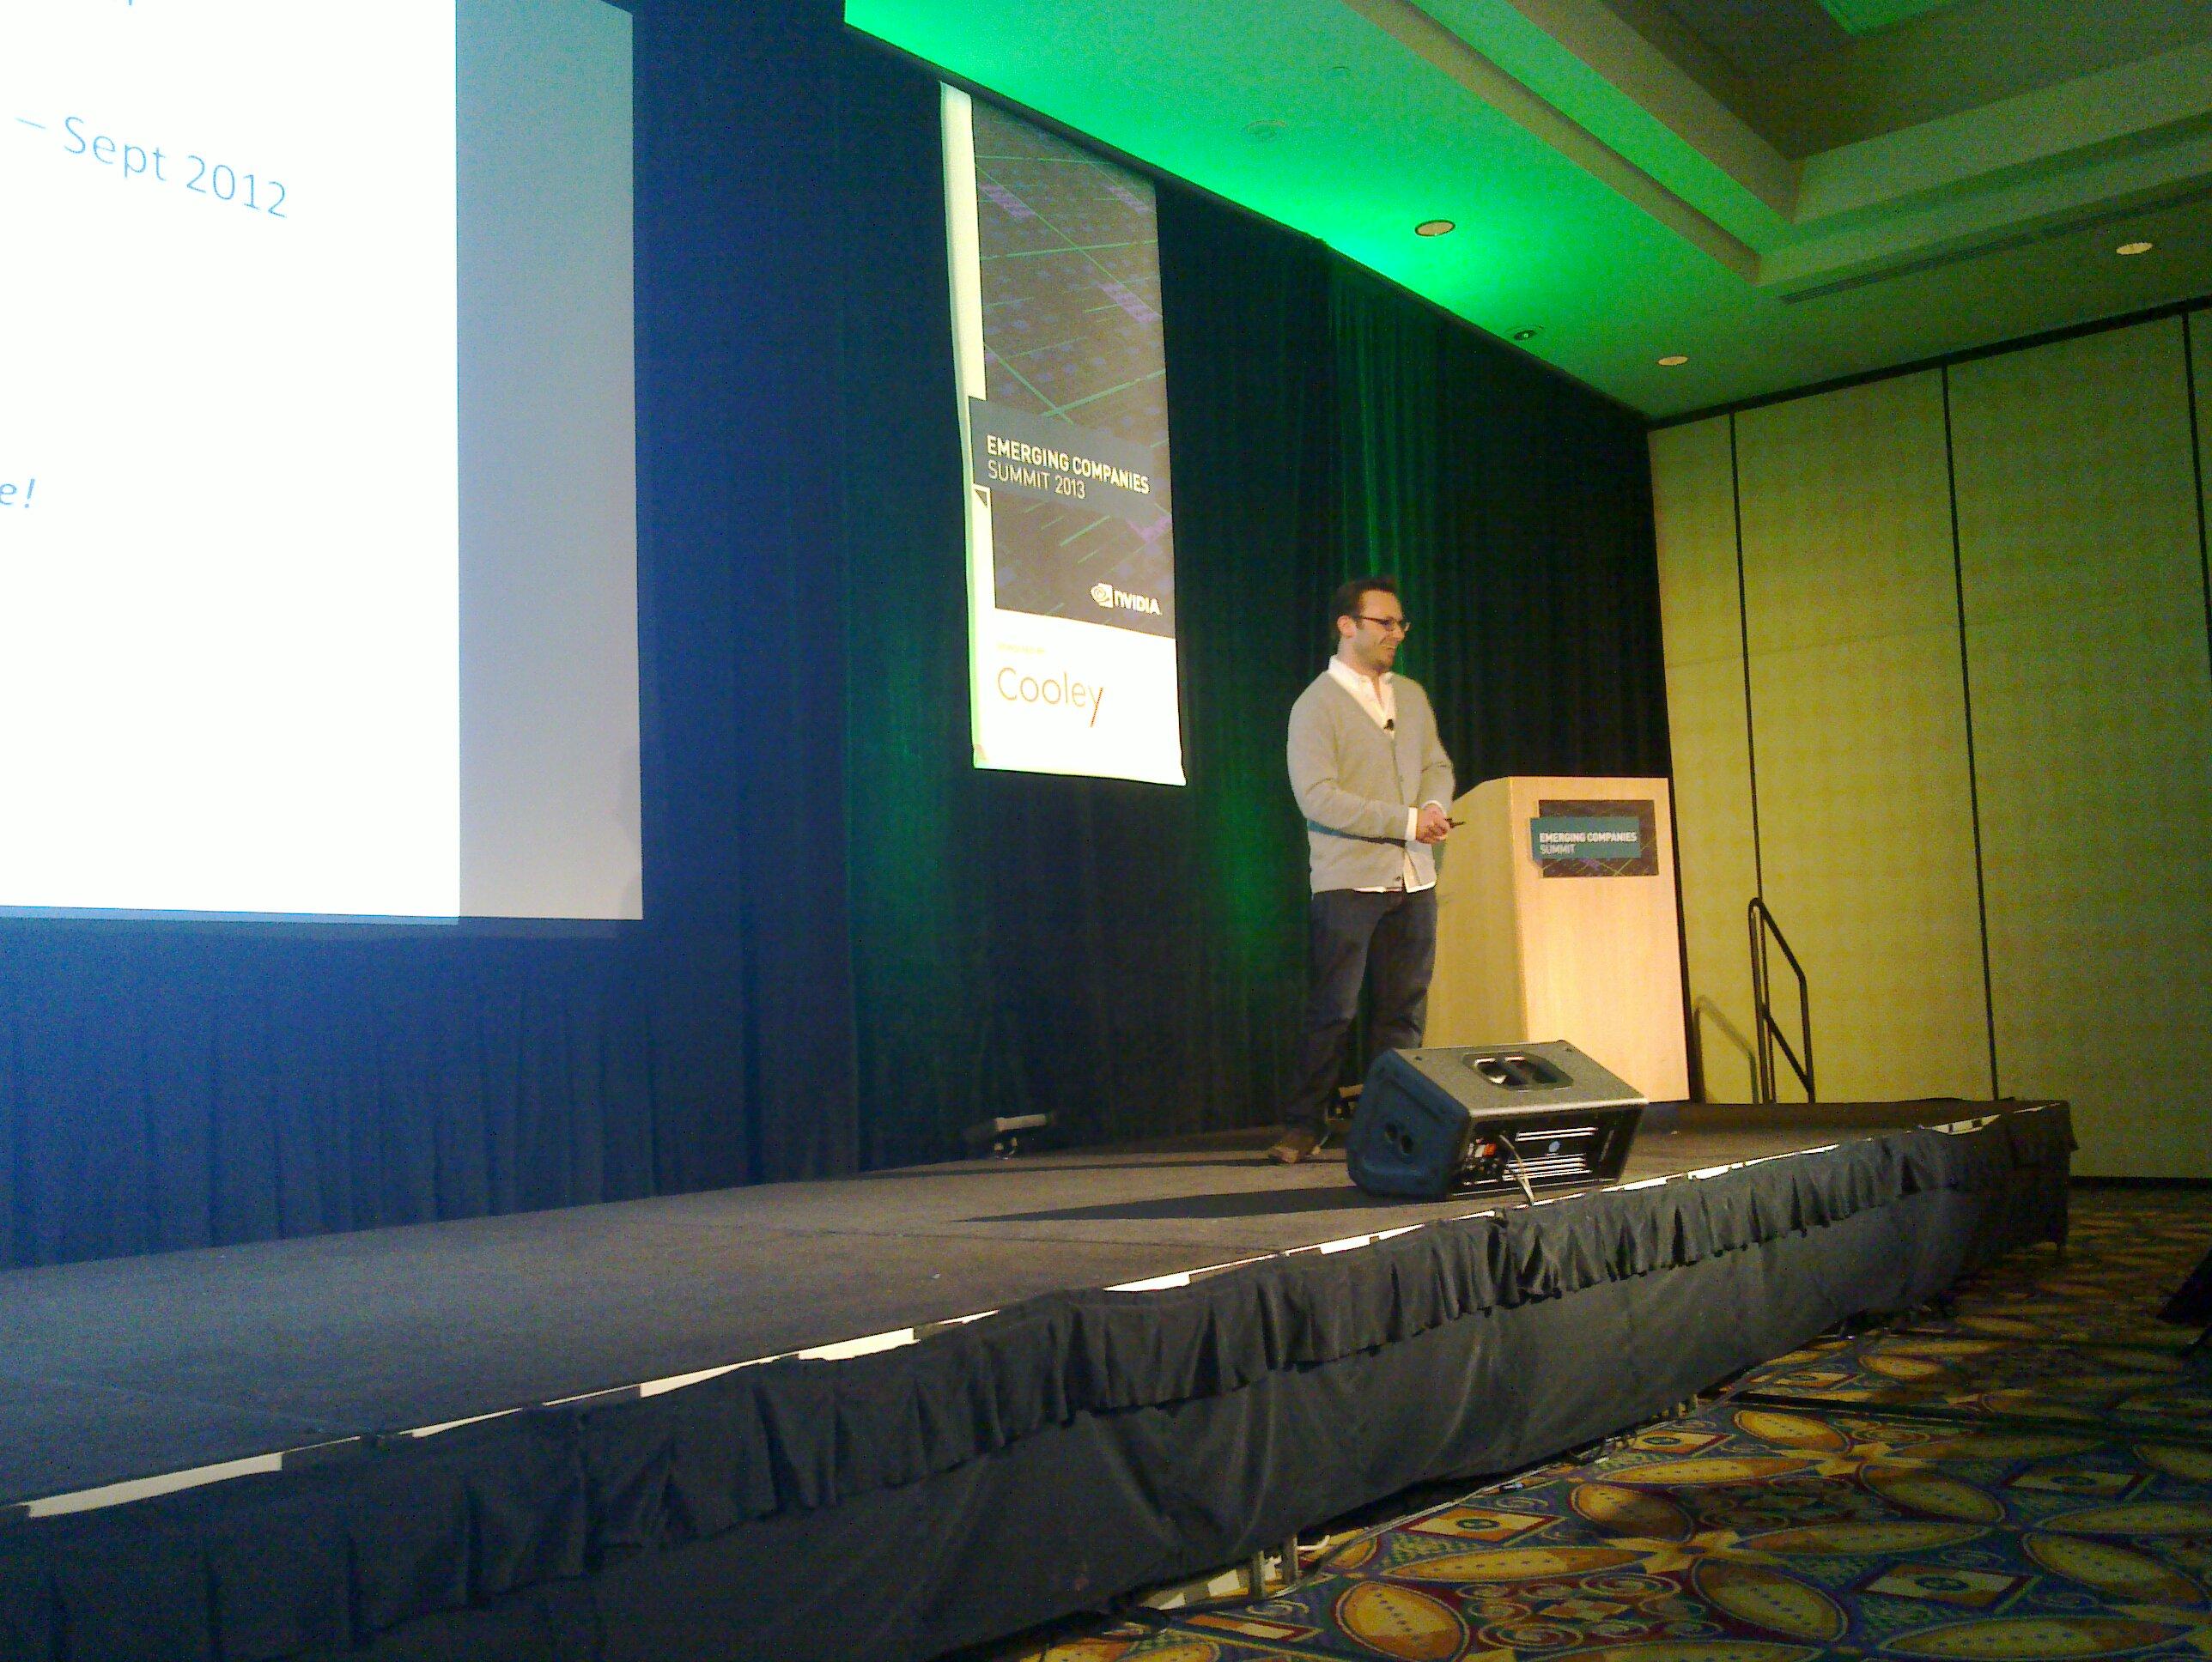 GTC 2013: Oculus VR Reveals Future of Oculus Rift at ECS - General Tech  2